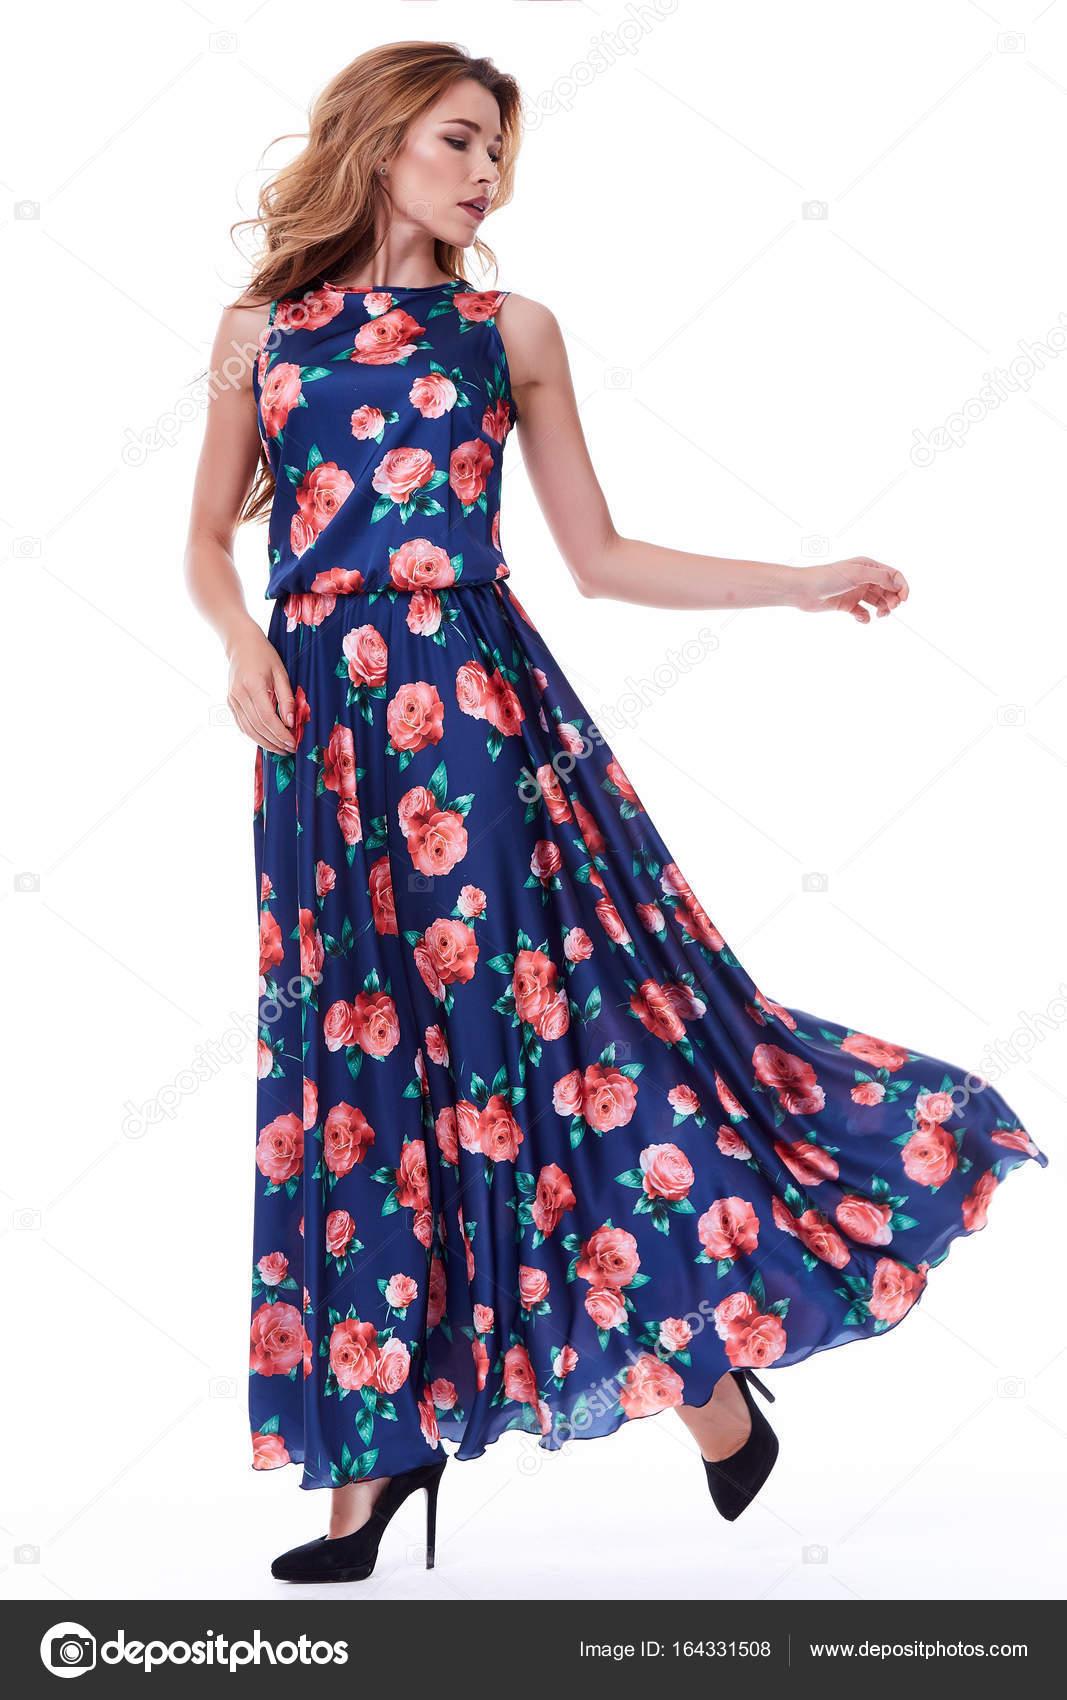 328b12395e377 Señora muy sexy moda modelo pelo rubio desgaste vestido seda orgánica  catálogo de estilo casual ropa para a pie reunión blanco fondo colección de  verano de ...